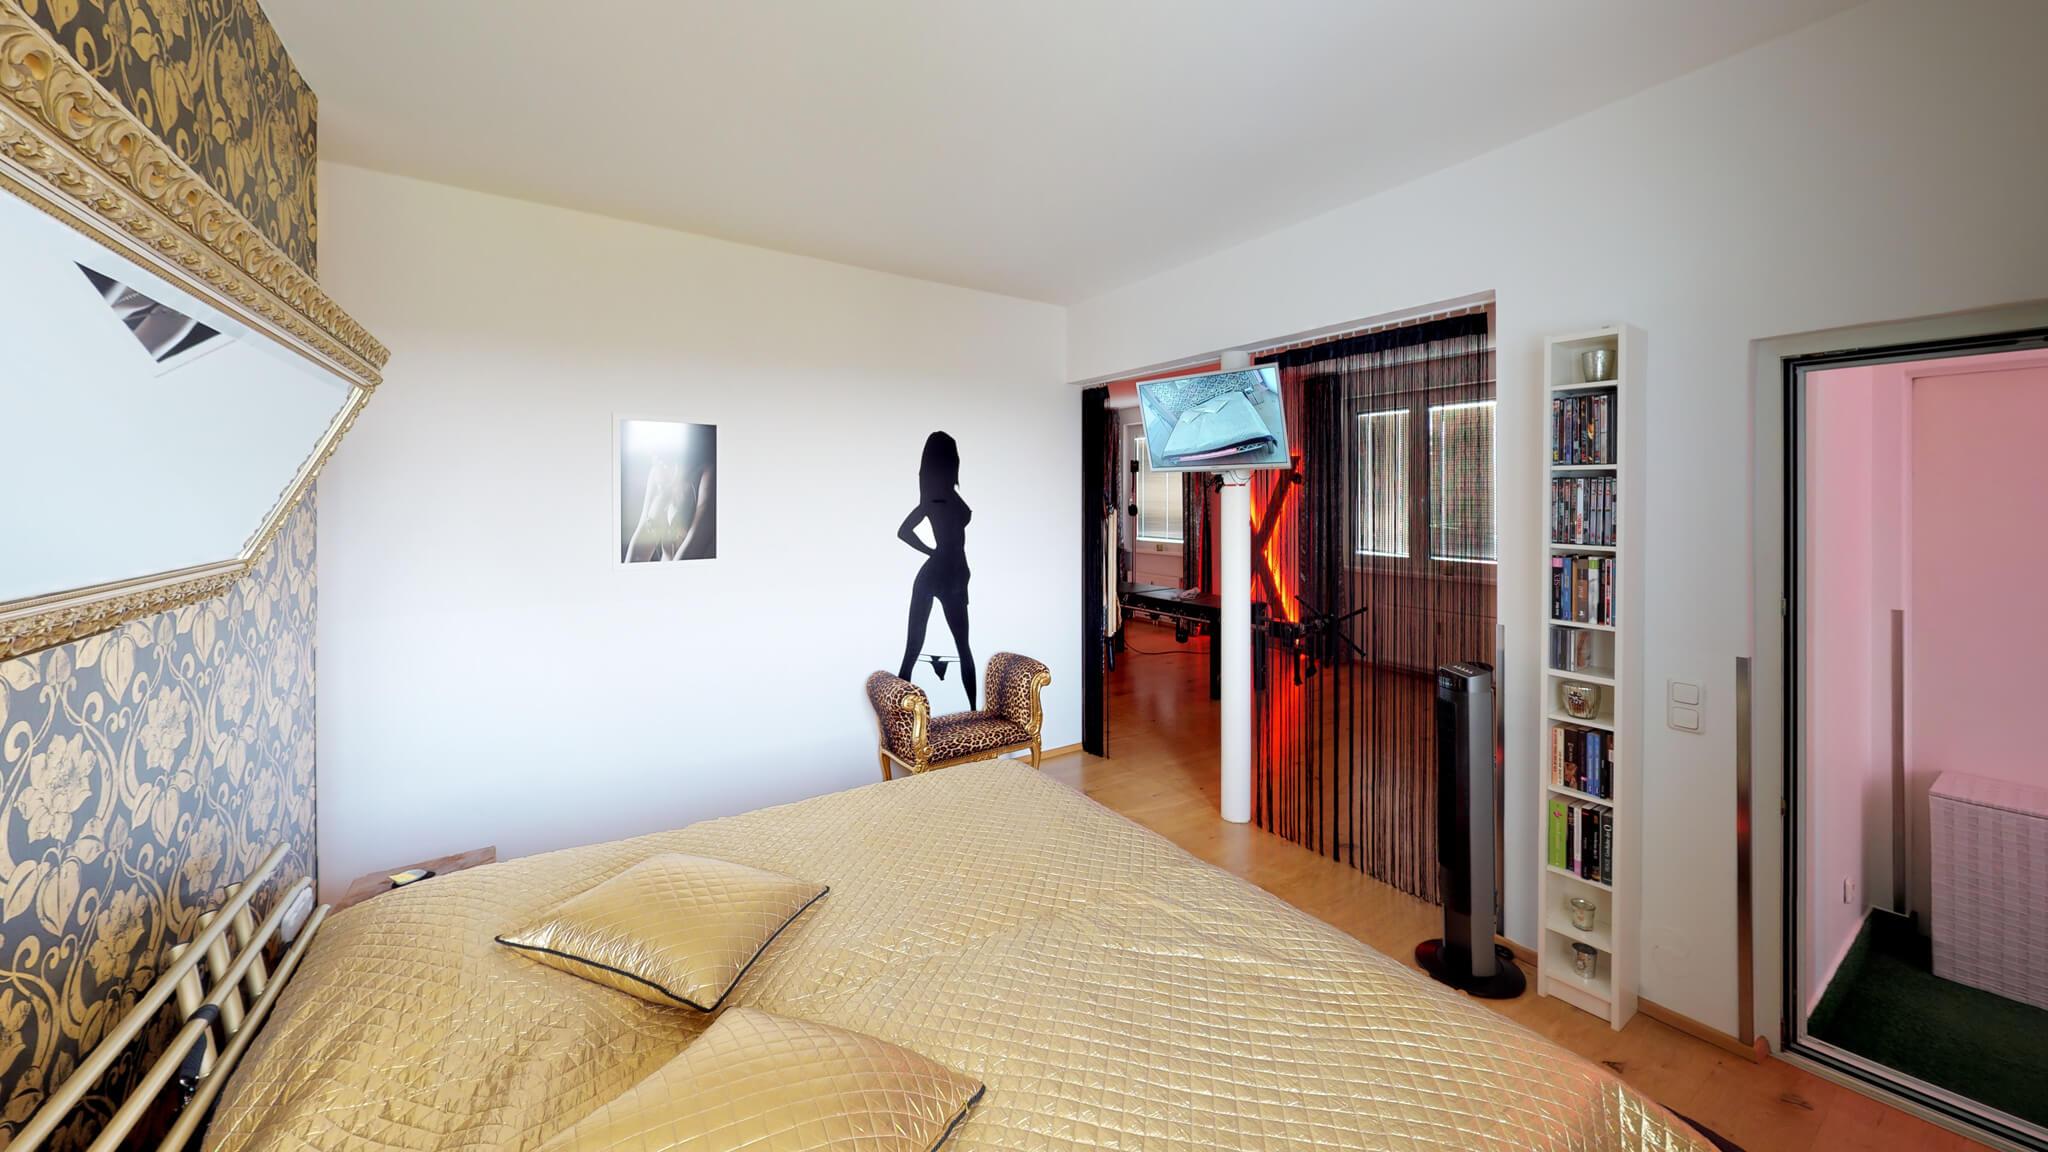 Großes Bett im Schlafzimmer mit Cam und Monitor für liveaction